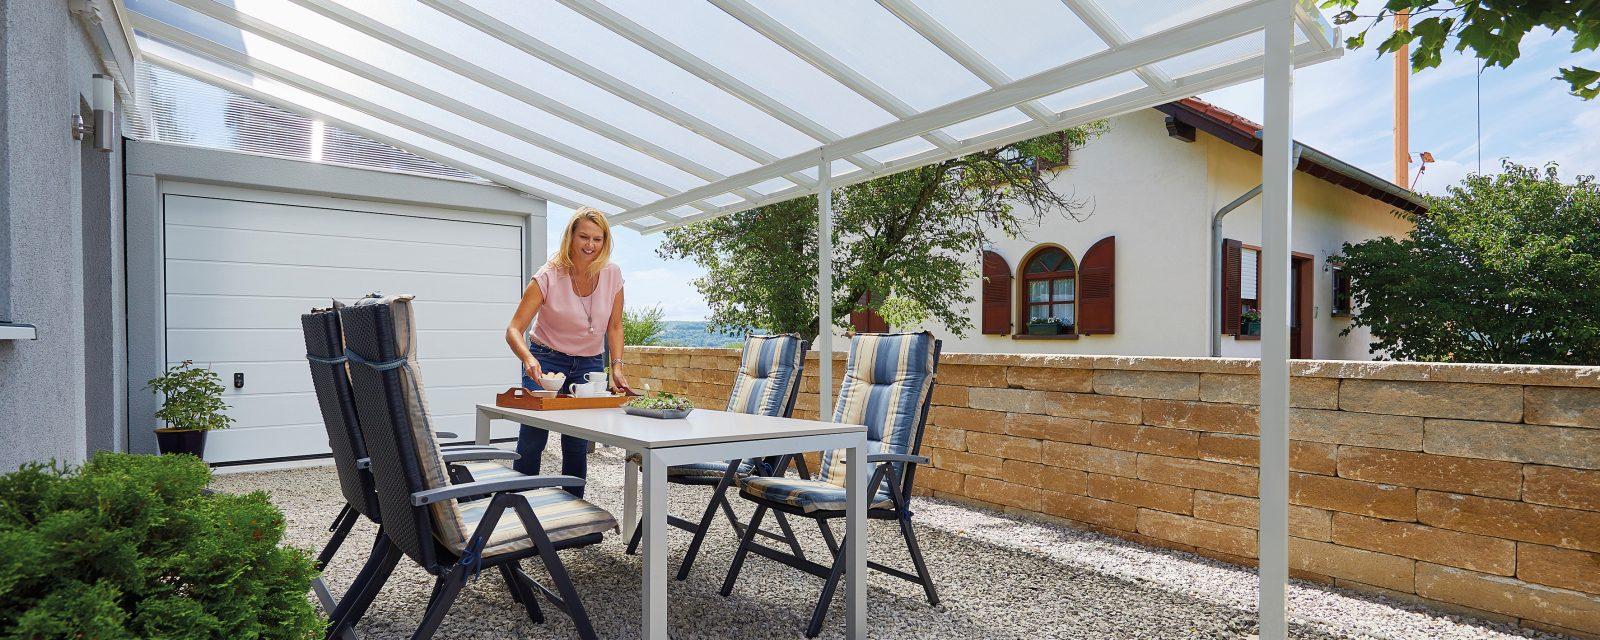 Terrassendach 5,46 x 4,06 m weiß